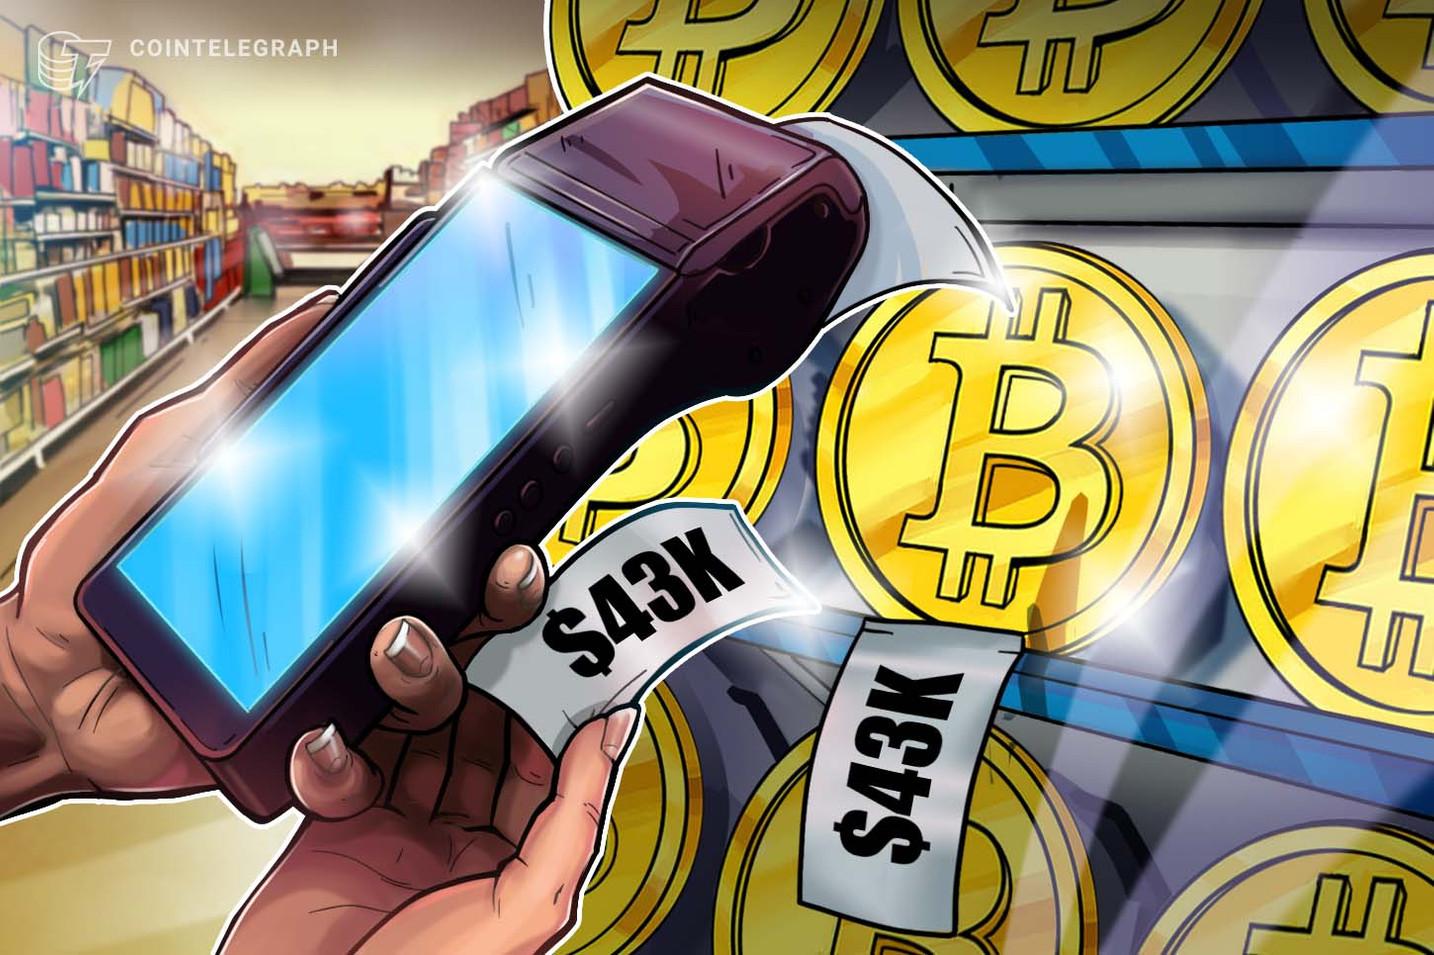 'Calma, preço do Bitcoin em US$ 43K é lógico', diz criador do indicador Bandas de Bollinger